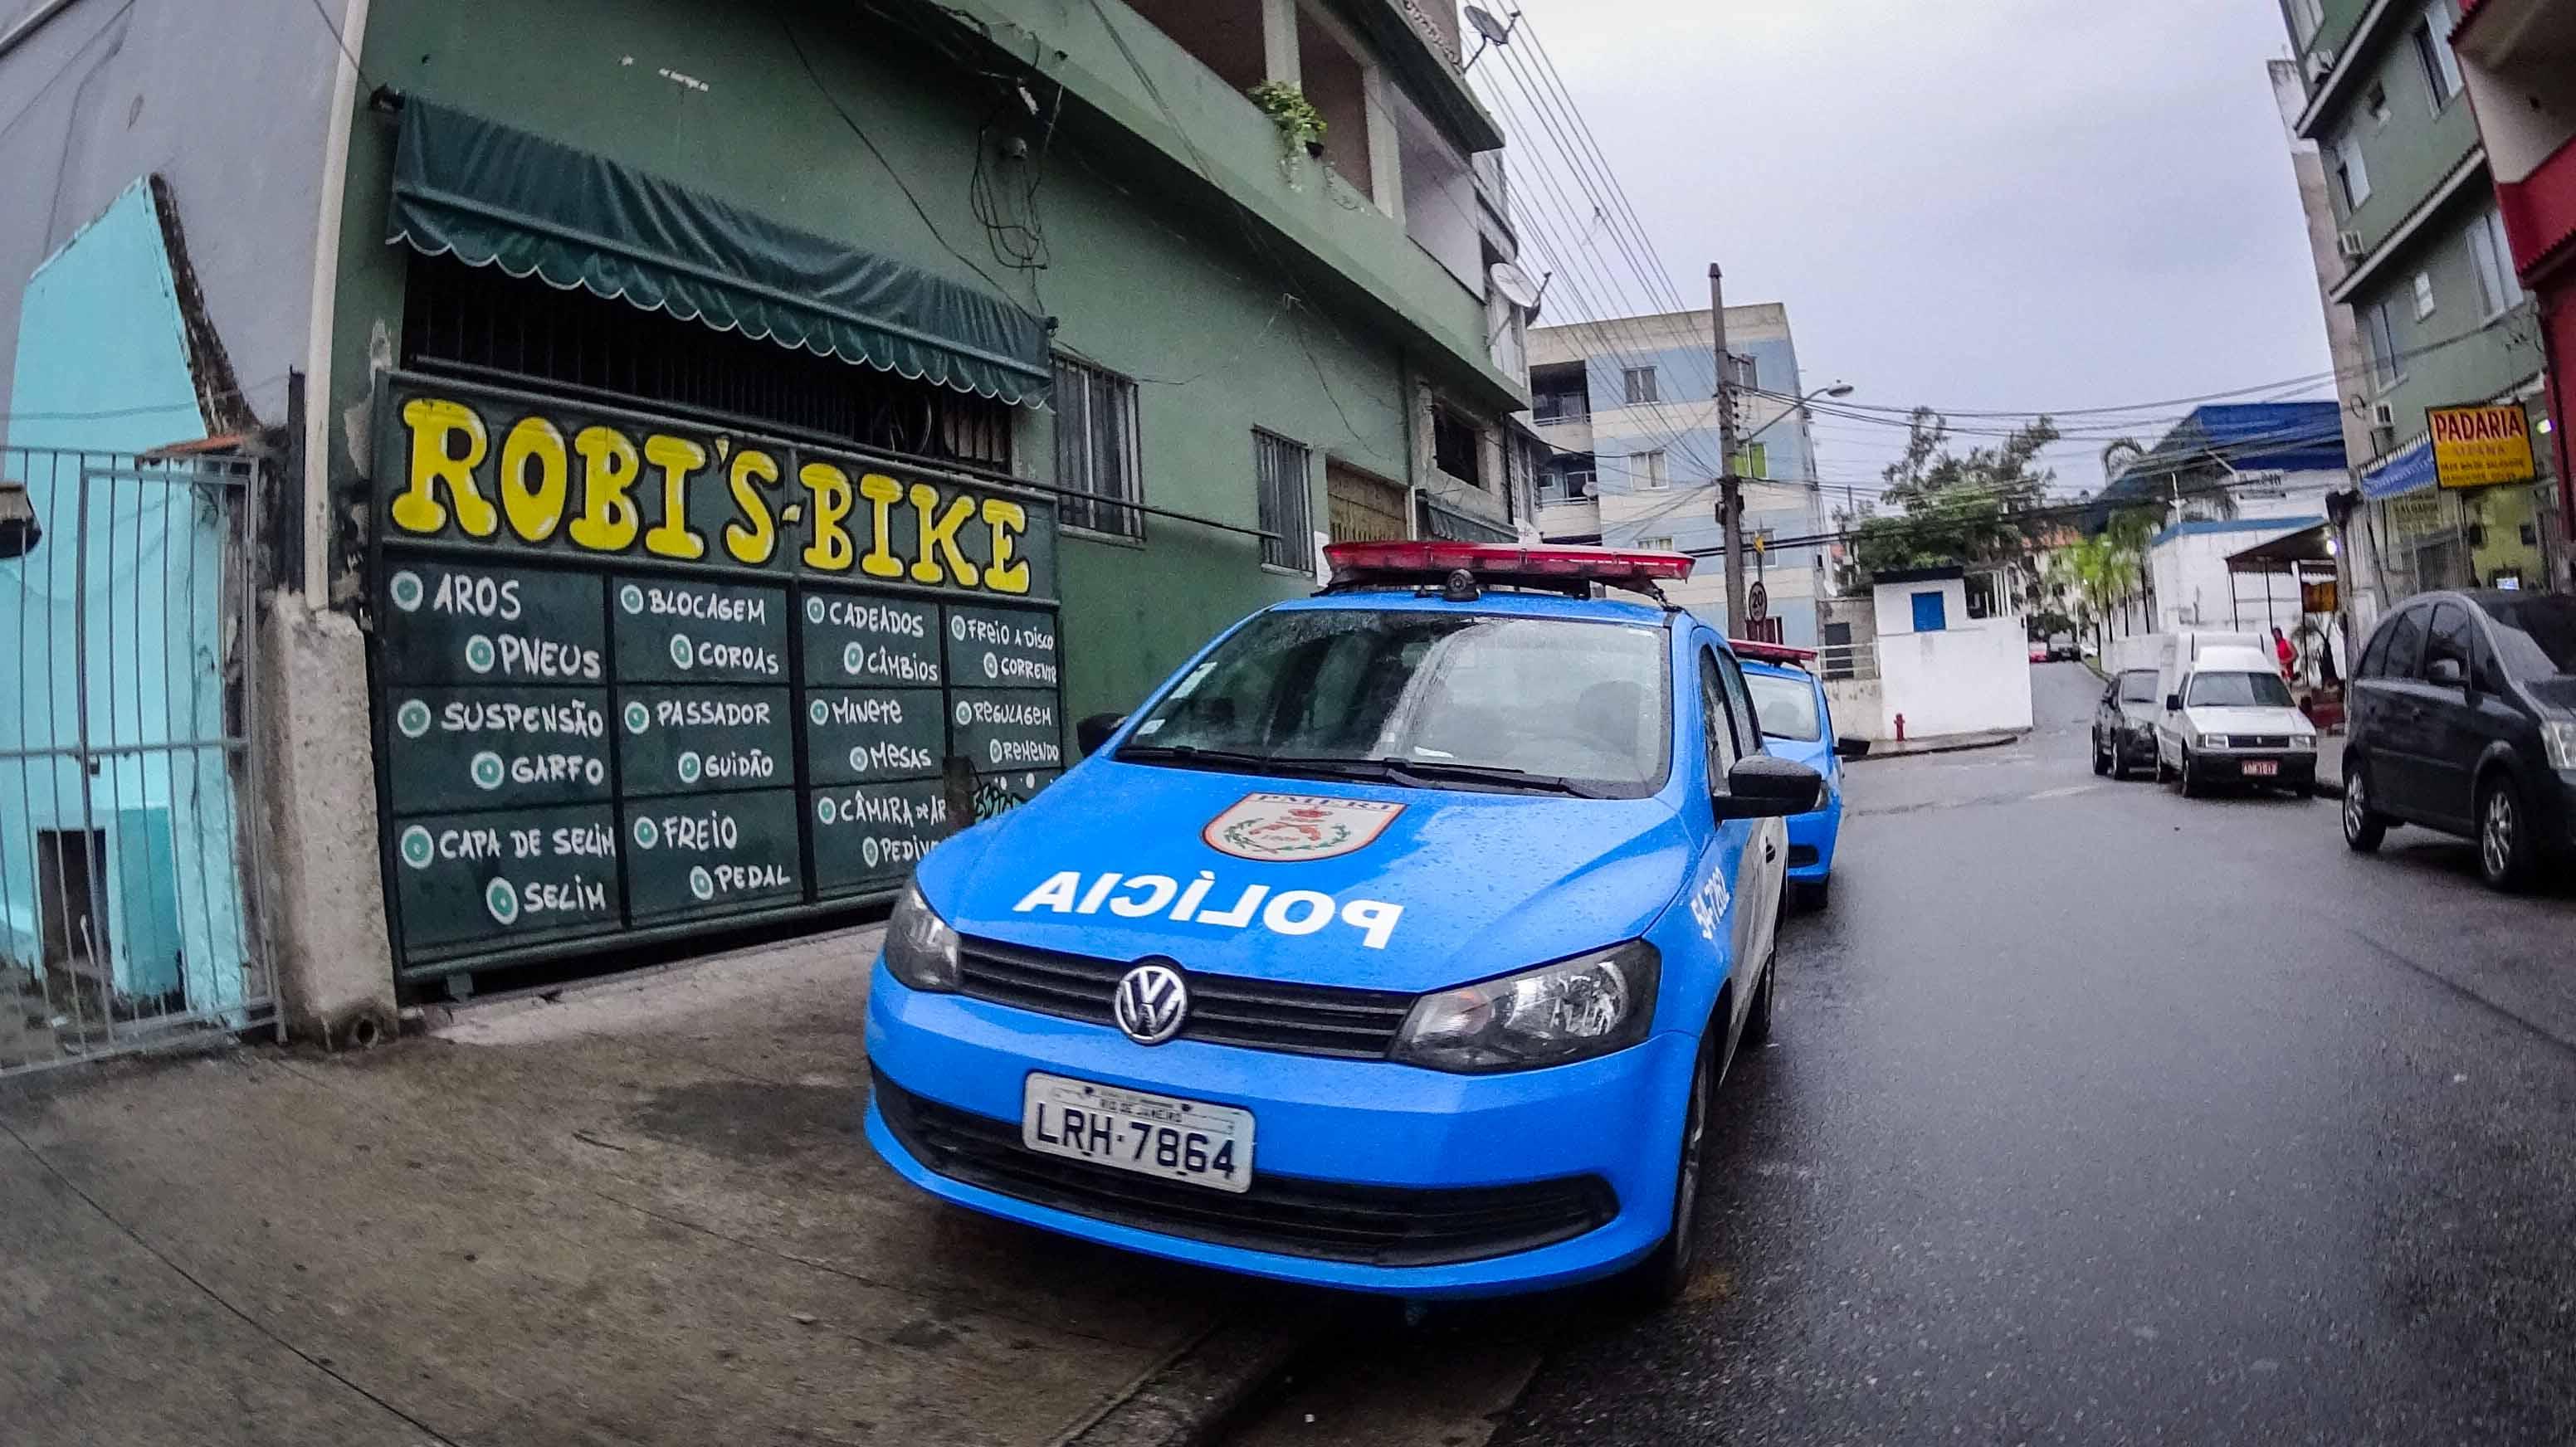 2015 não deixou dúvidas: a polícia do Rio tem que mudar